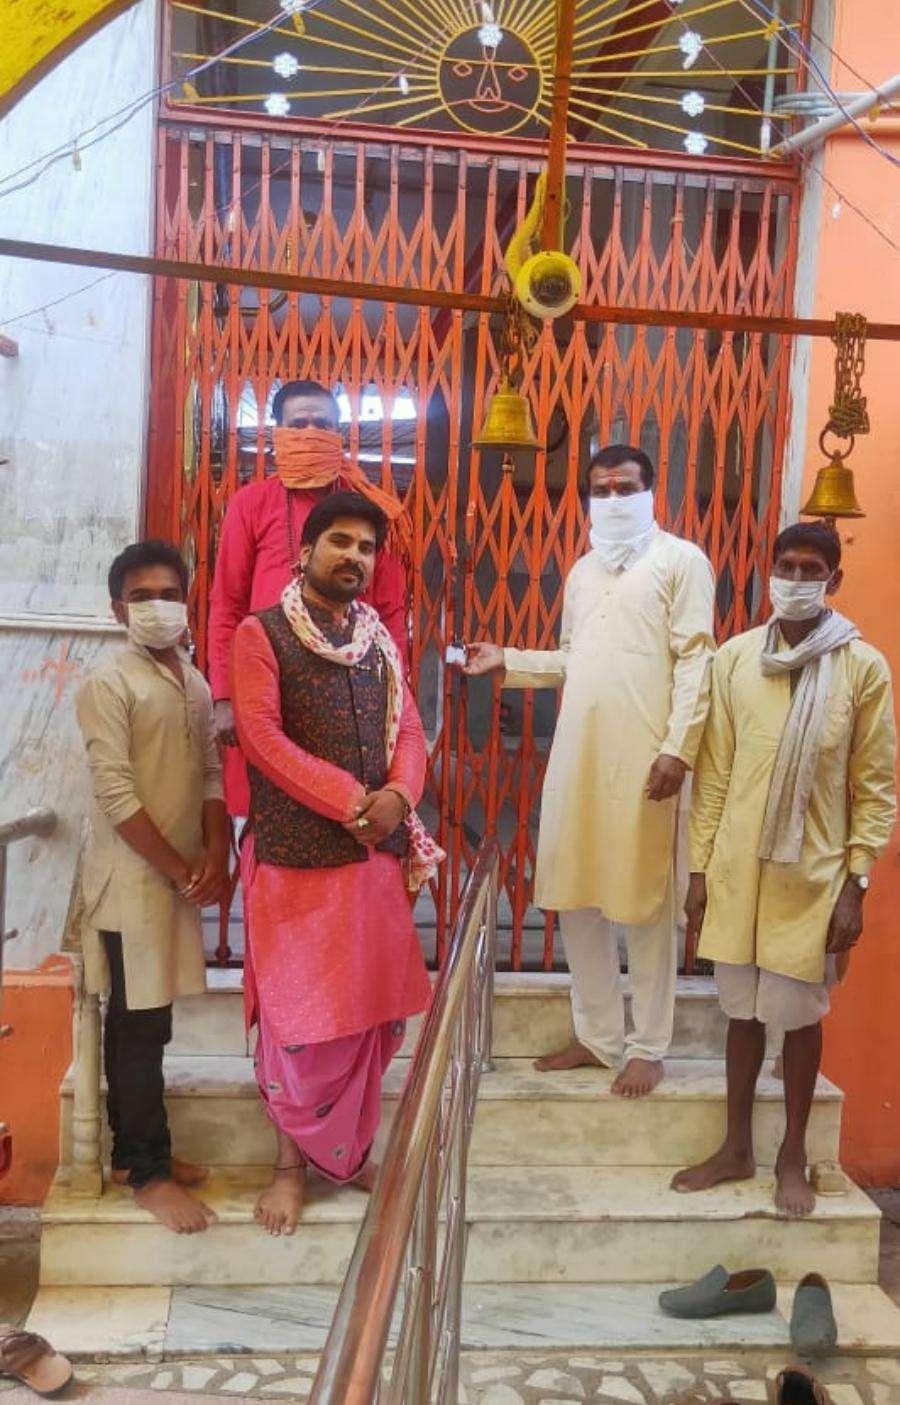 76 दिन बाद खुलेगा मां जालपा देवी मंदिर का पट, जानिए कैसे दर्शन करने जाना होगा